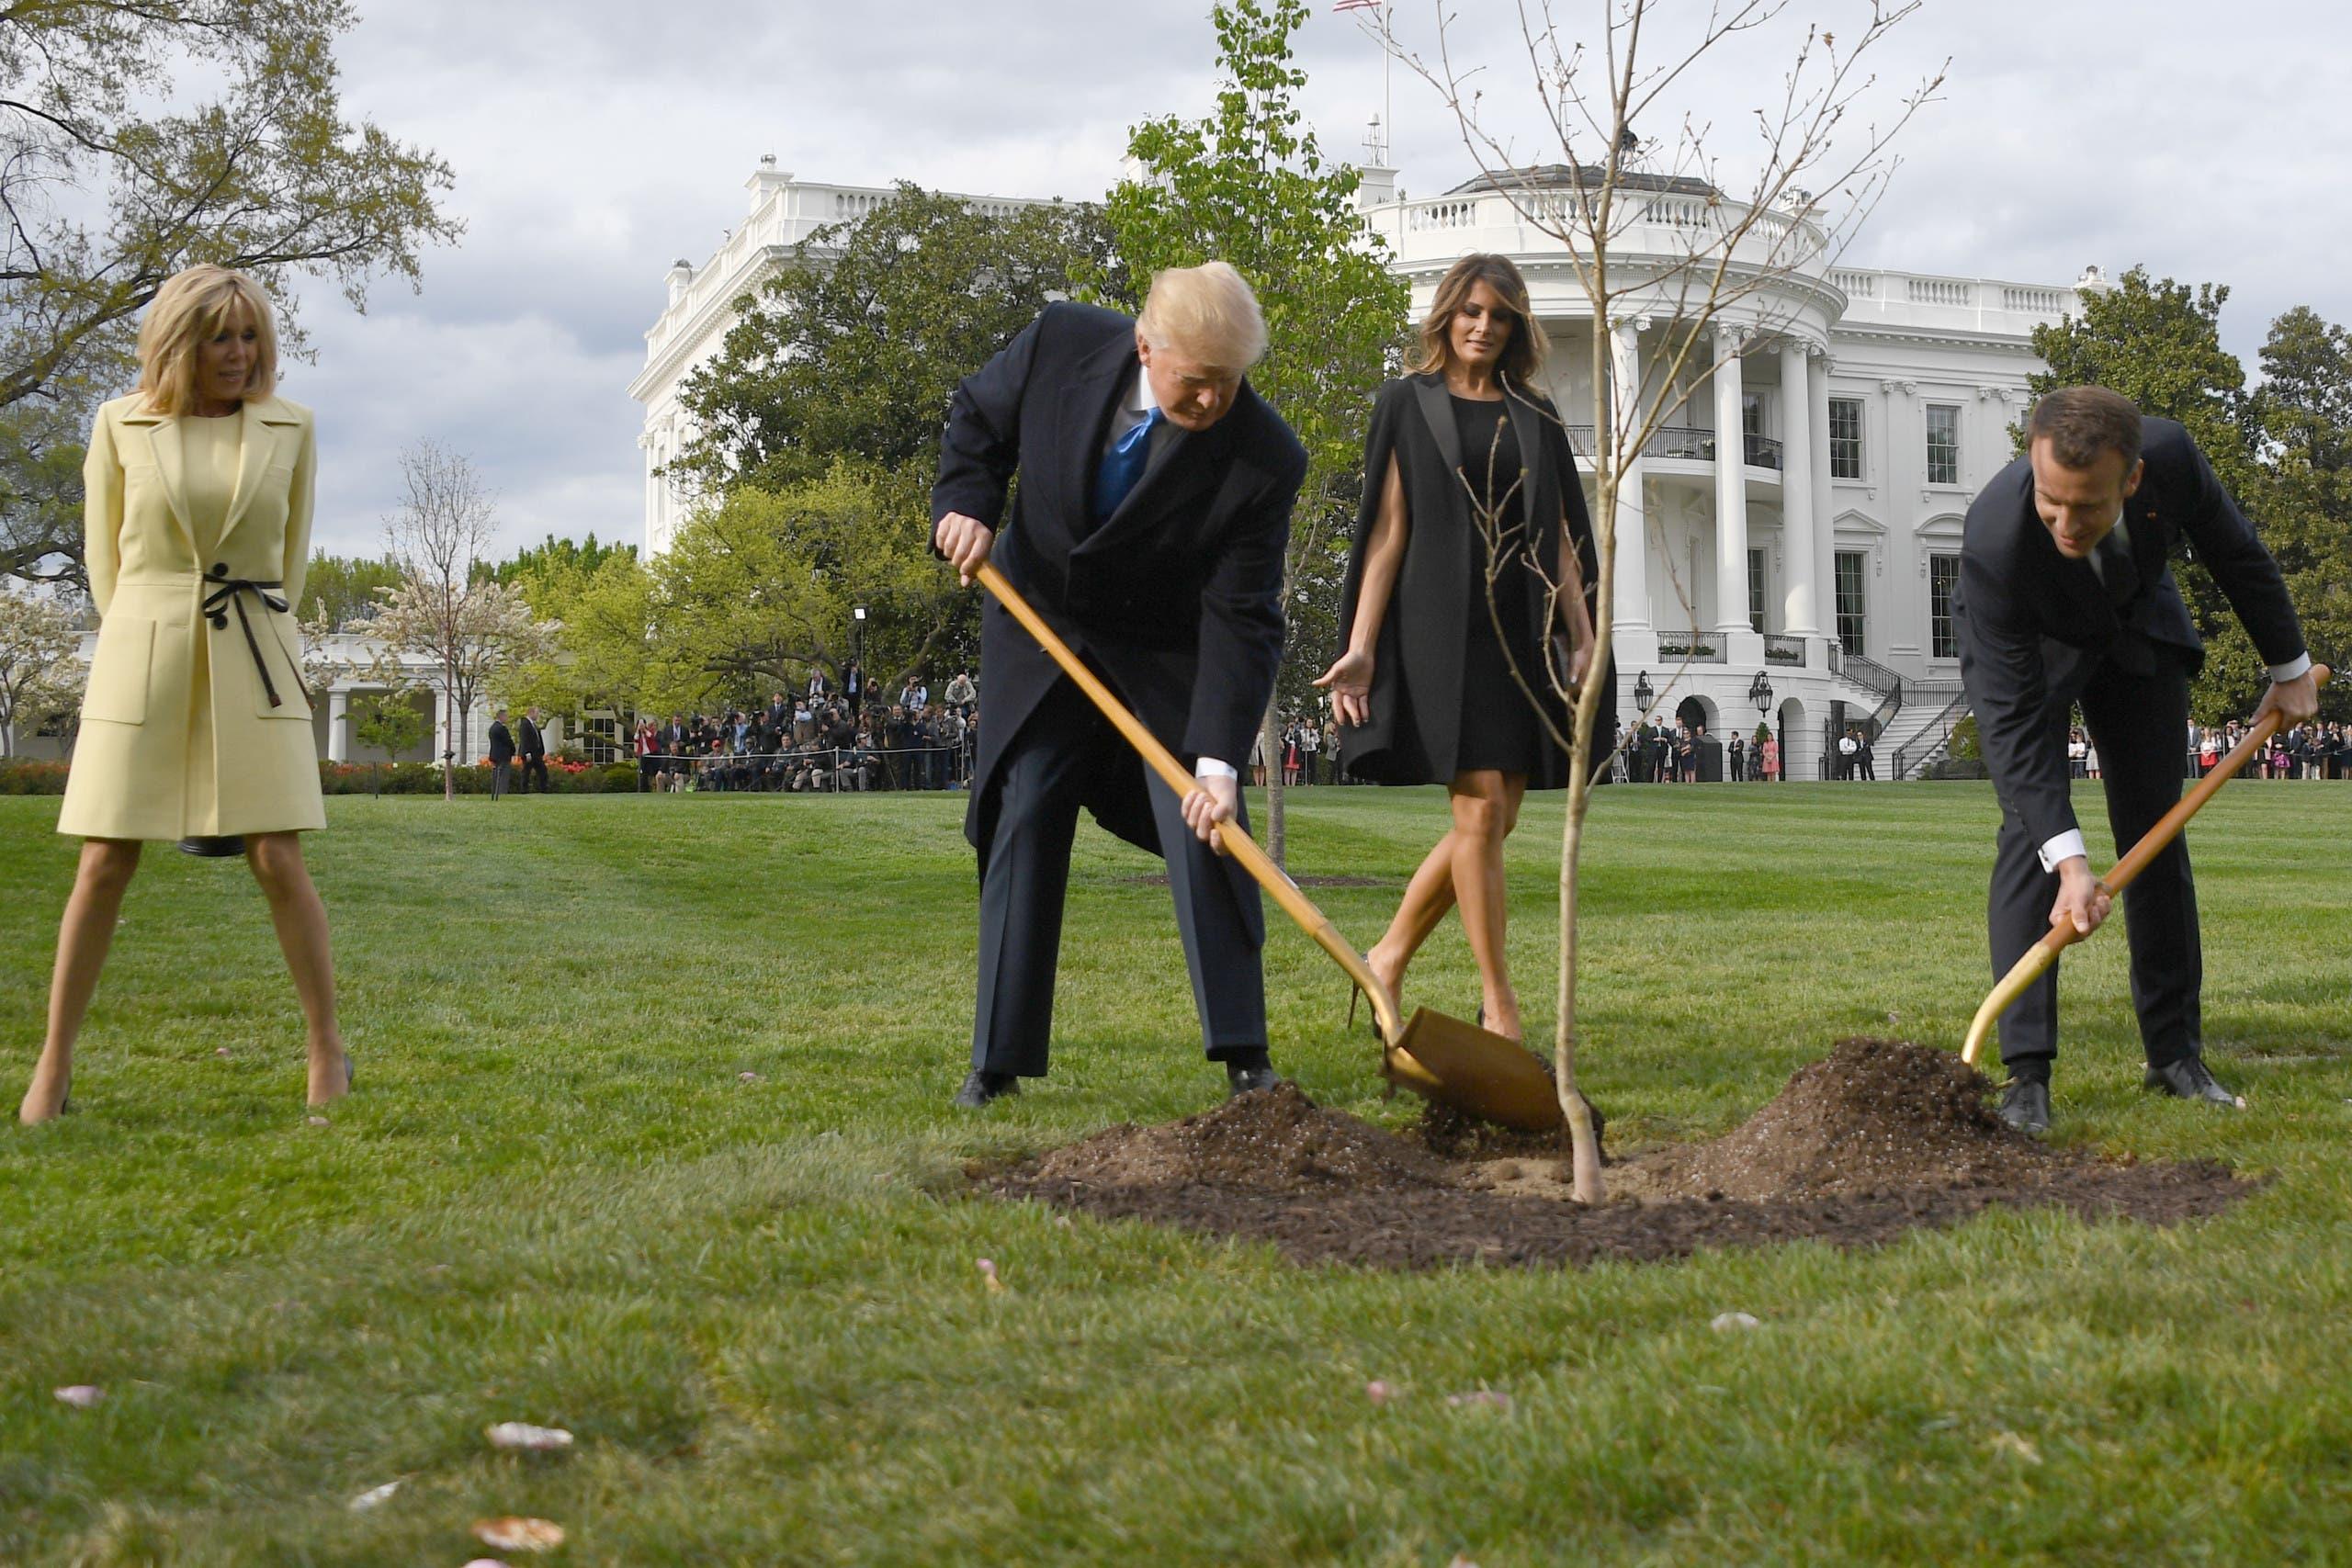 زراعة الشجرة بحديقة البيت الأبيض